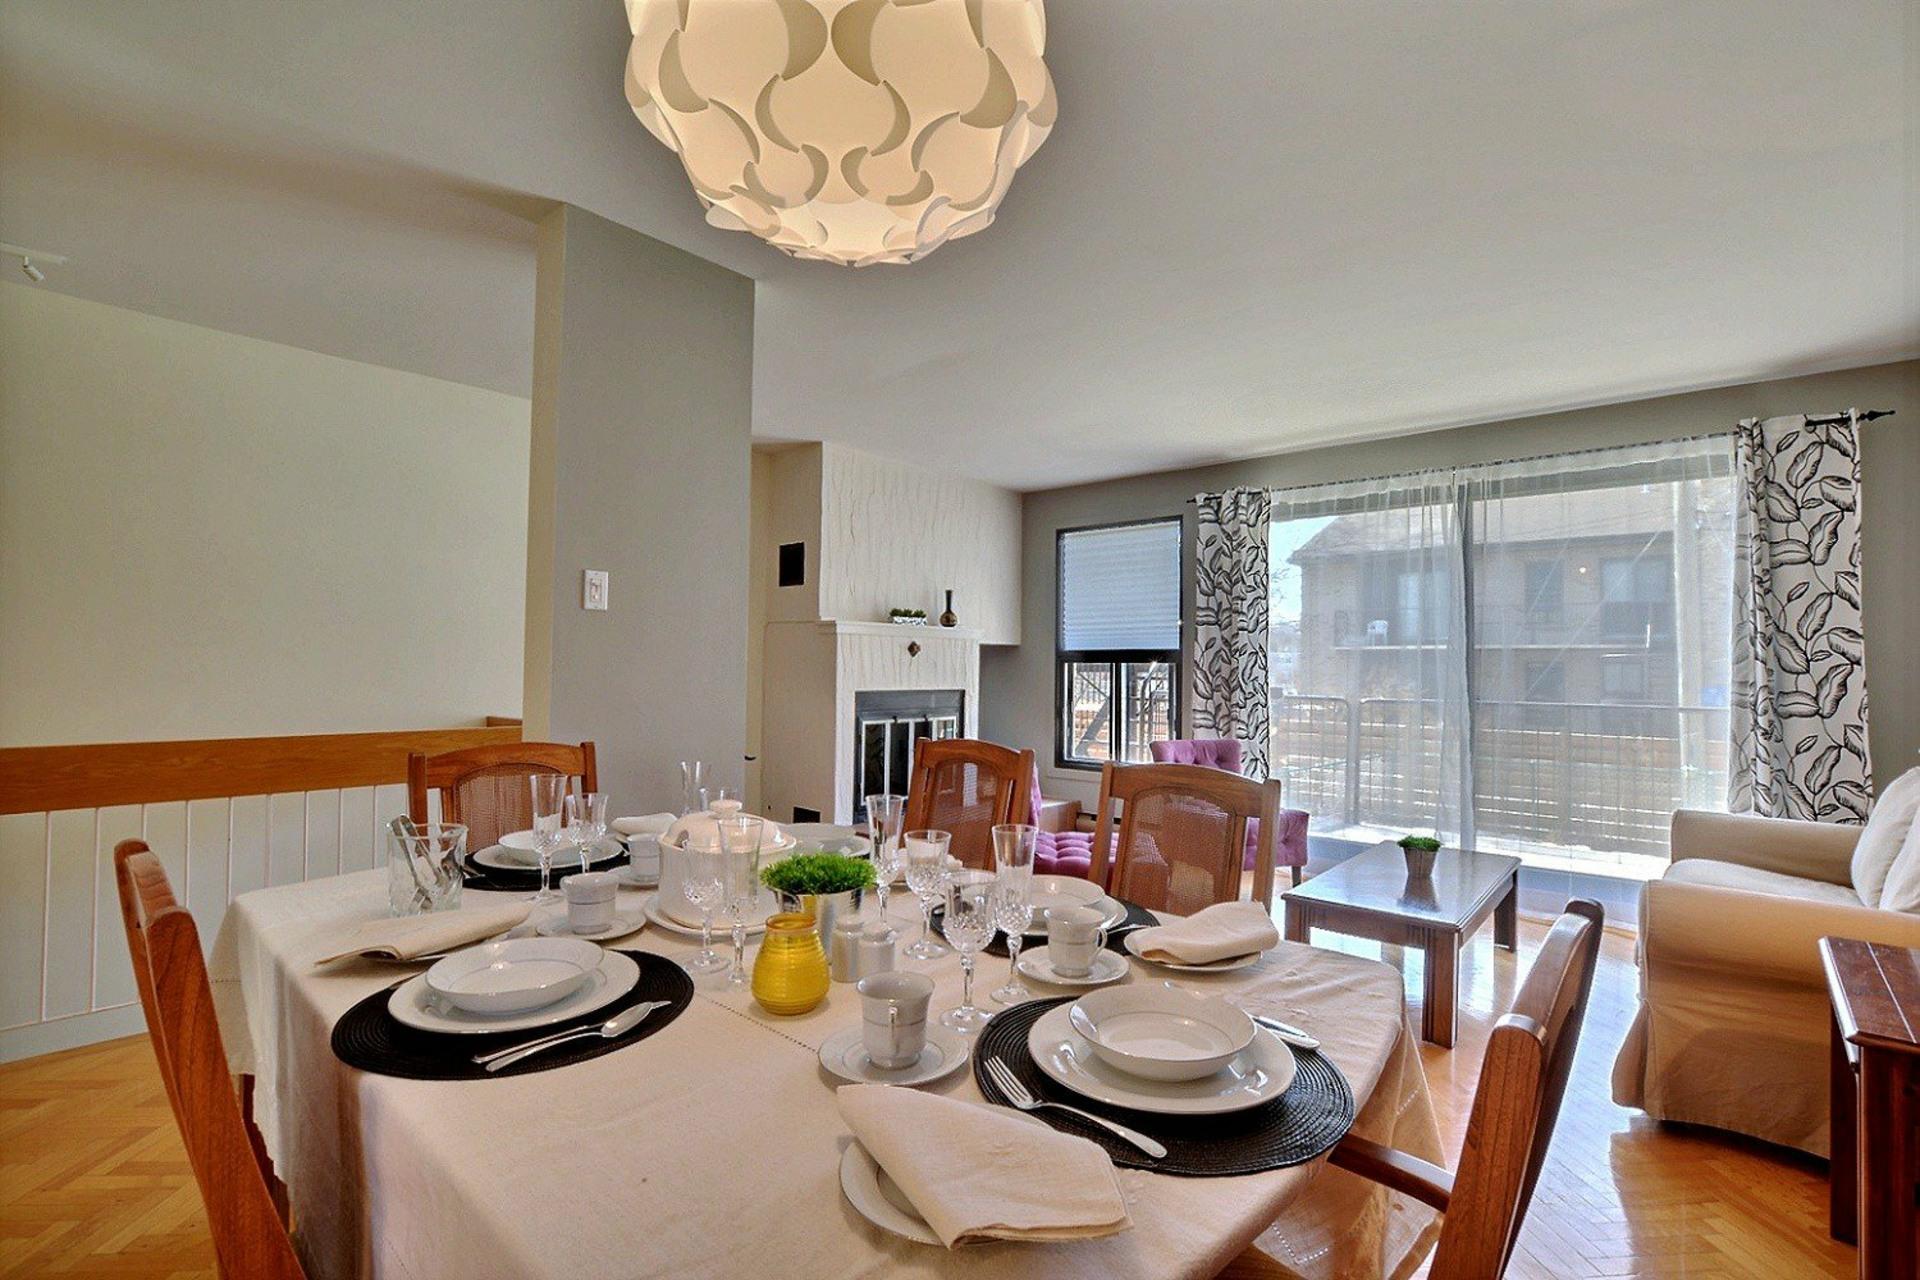 image 5 - Appartement À vendre Montréal Ahuntsic-Cartierville  - 7 pièces